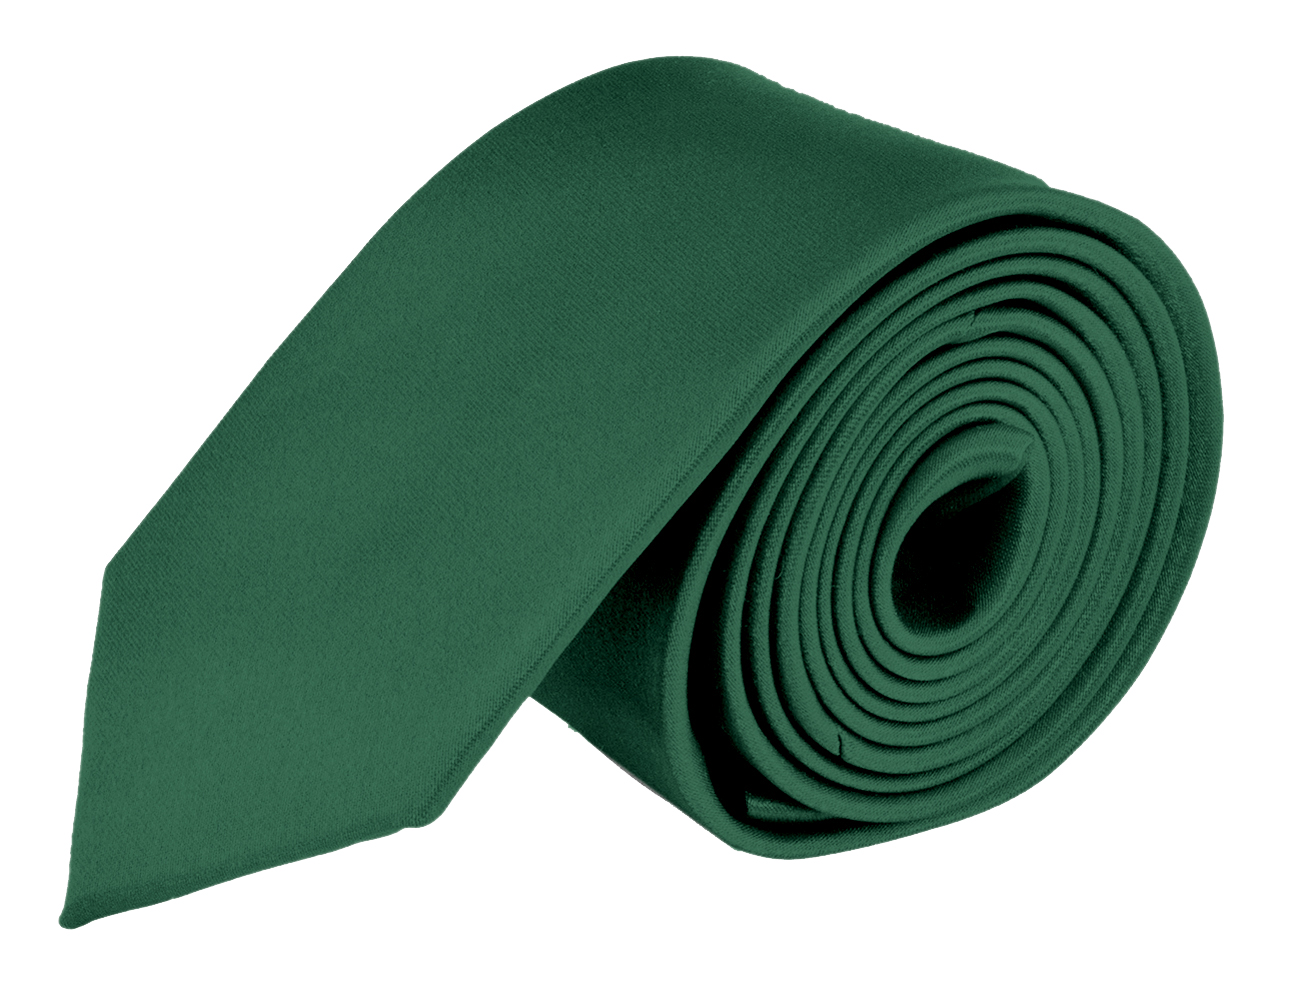 MDR Mens Ties Solid Satin Tie Pure Solid Color Necktie - Hunter Green 2.0 Inch